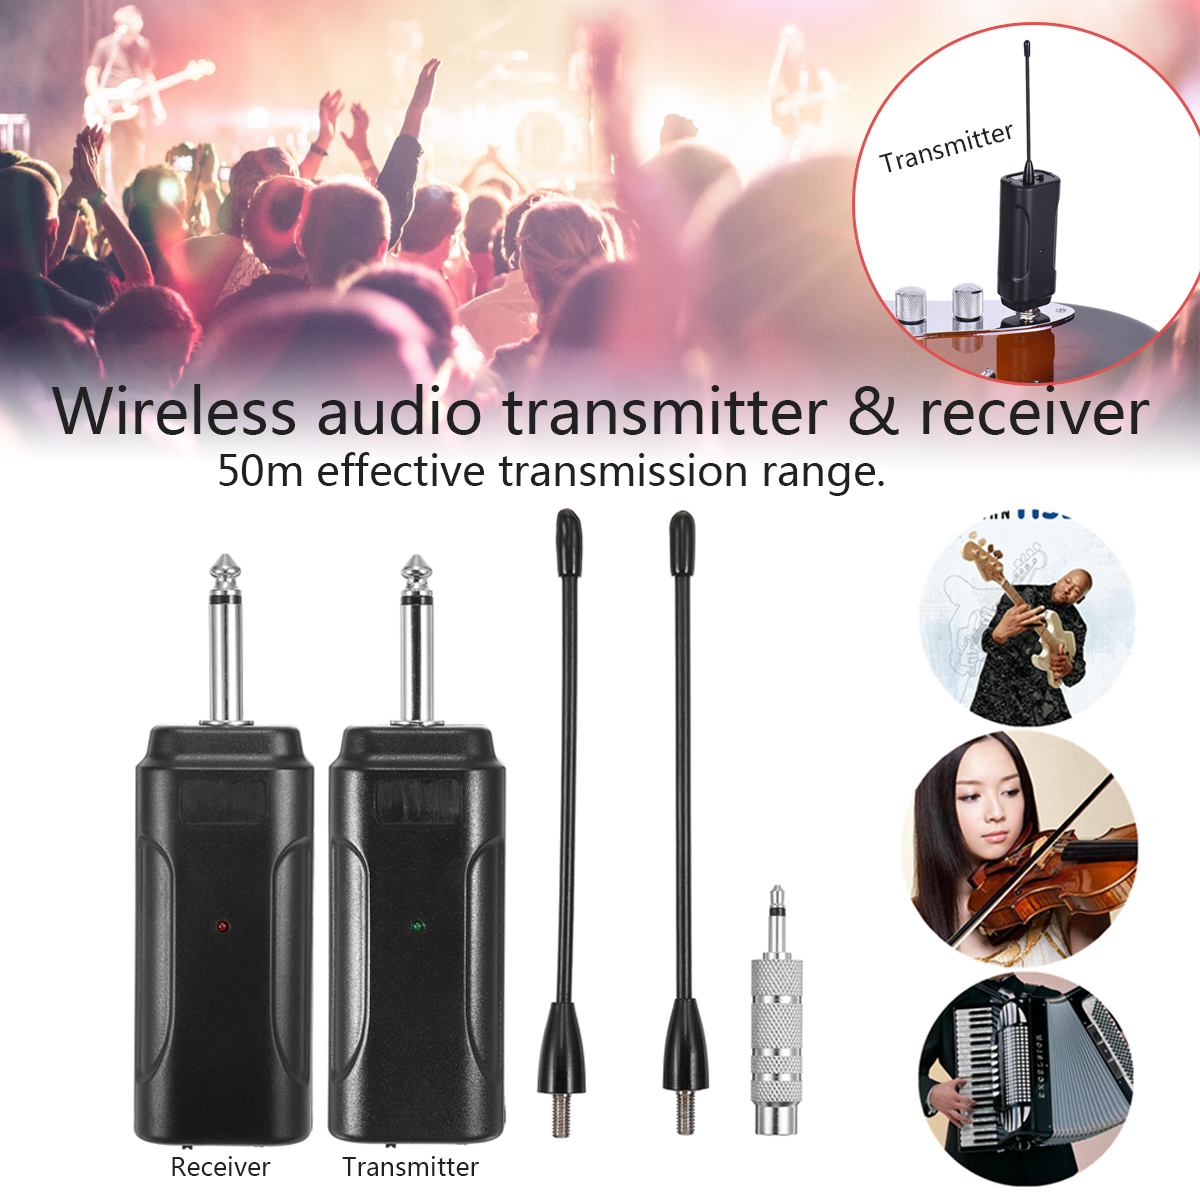 Unterhaltungselektronik Initiative Multi-kanal Wireless Audio Transmitter Verstärker Receiver System Für Gitarre Schwarz Leichte E4v5 Instrumente Anti-jamming üBerlegene Leistung Funkadapter